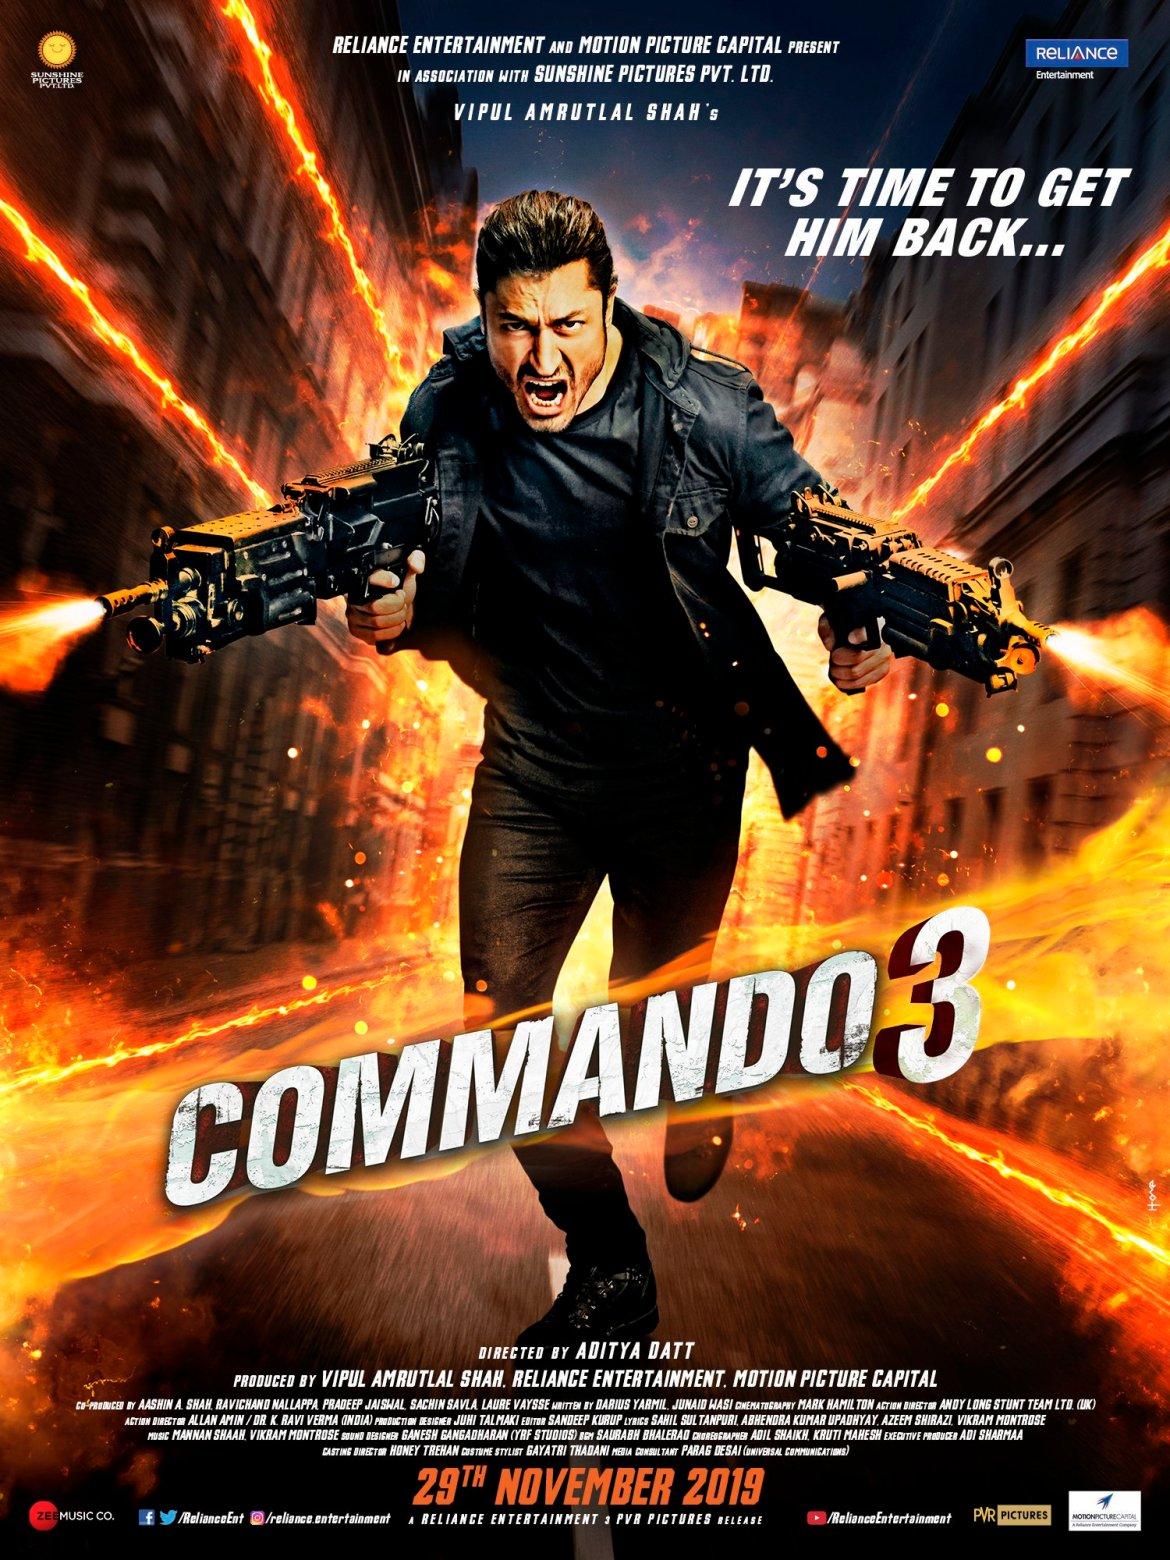 Commando 3 | Official Trailer | Vidyut, Adah, Angira, Gulshan  | Vipul Amrutlal Shah | Aditya Datt | 29 Nov